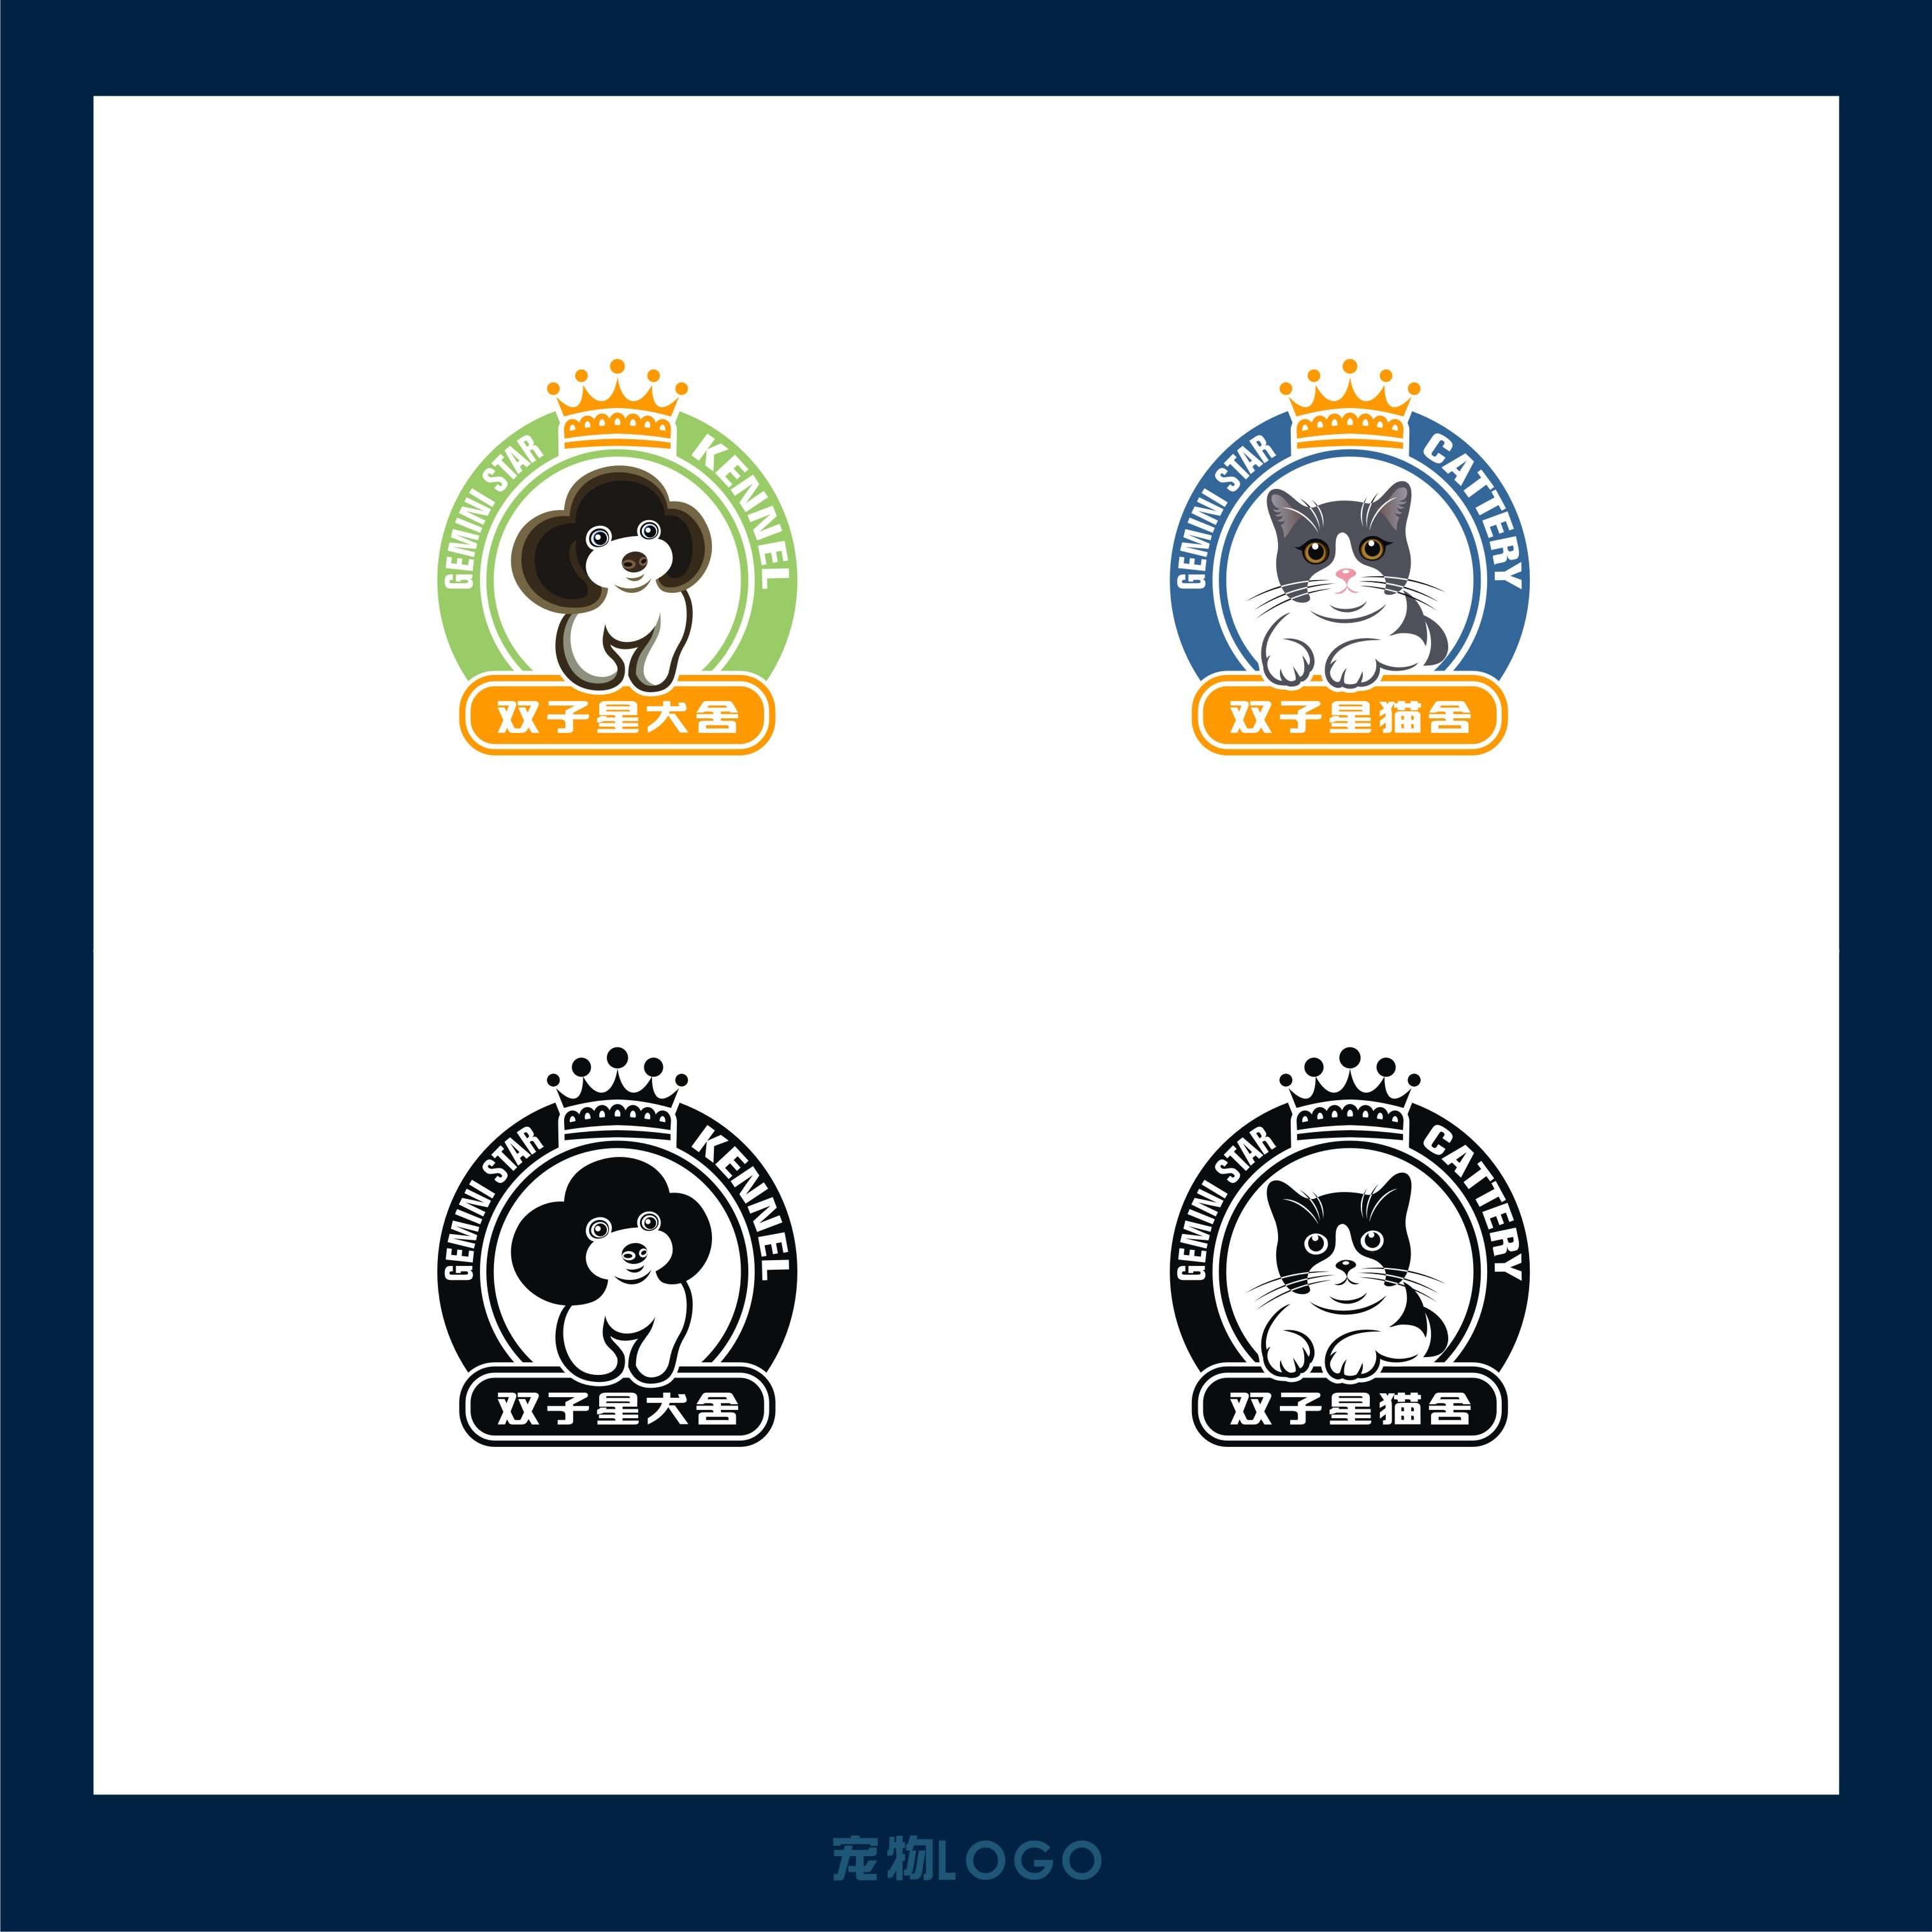 设计宠物logo